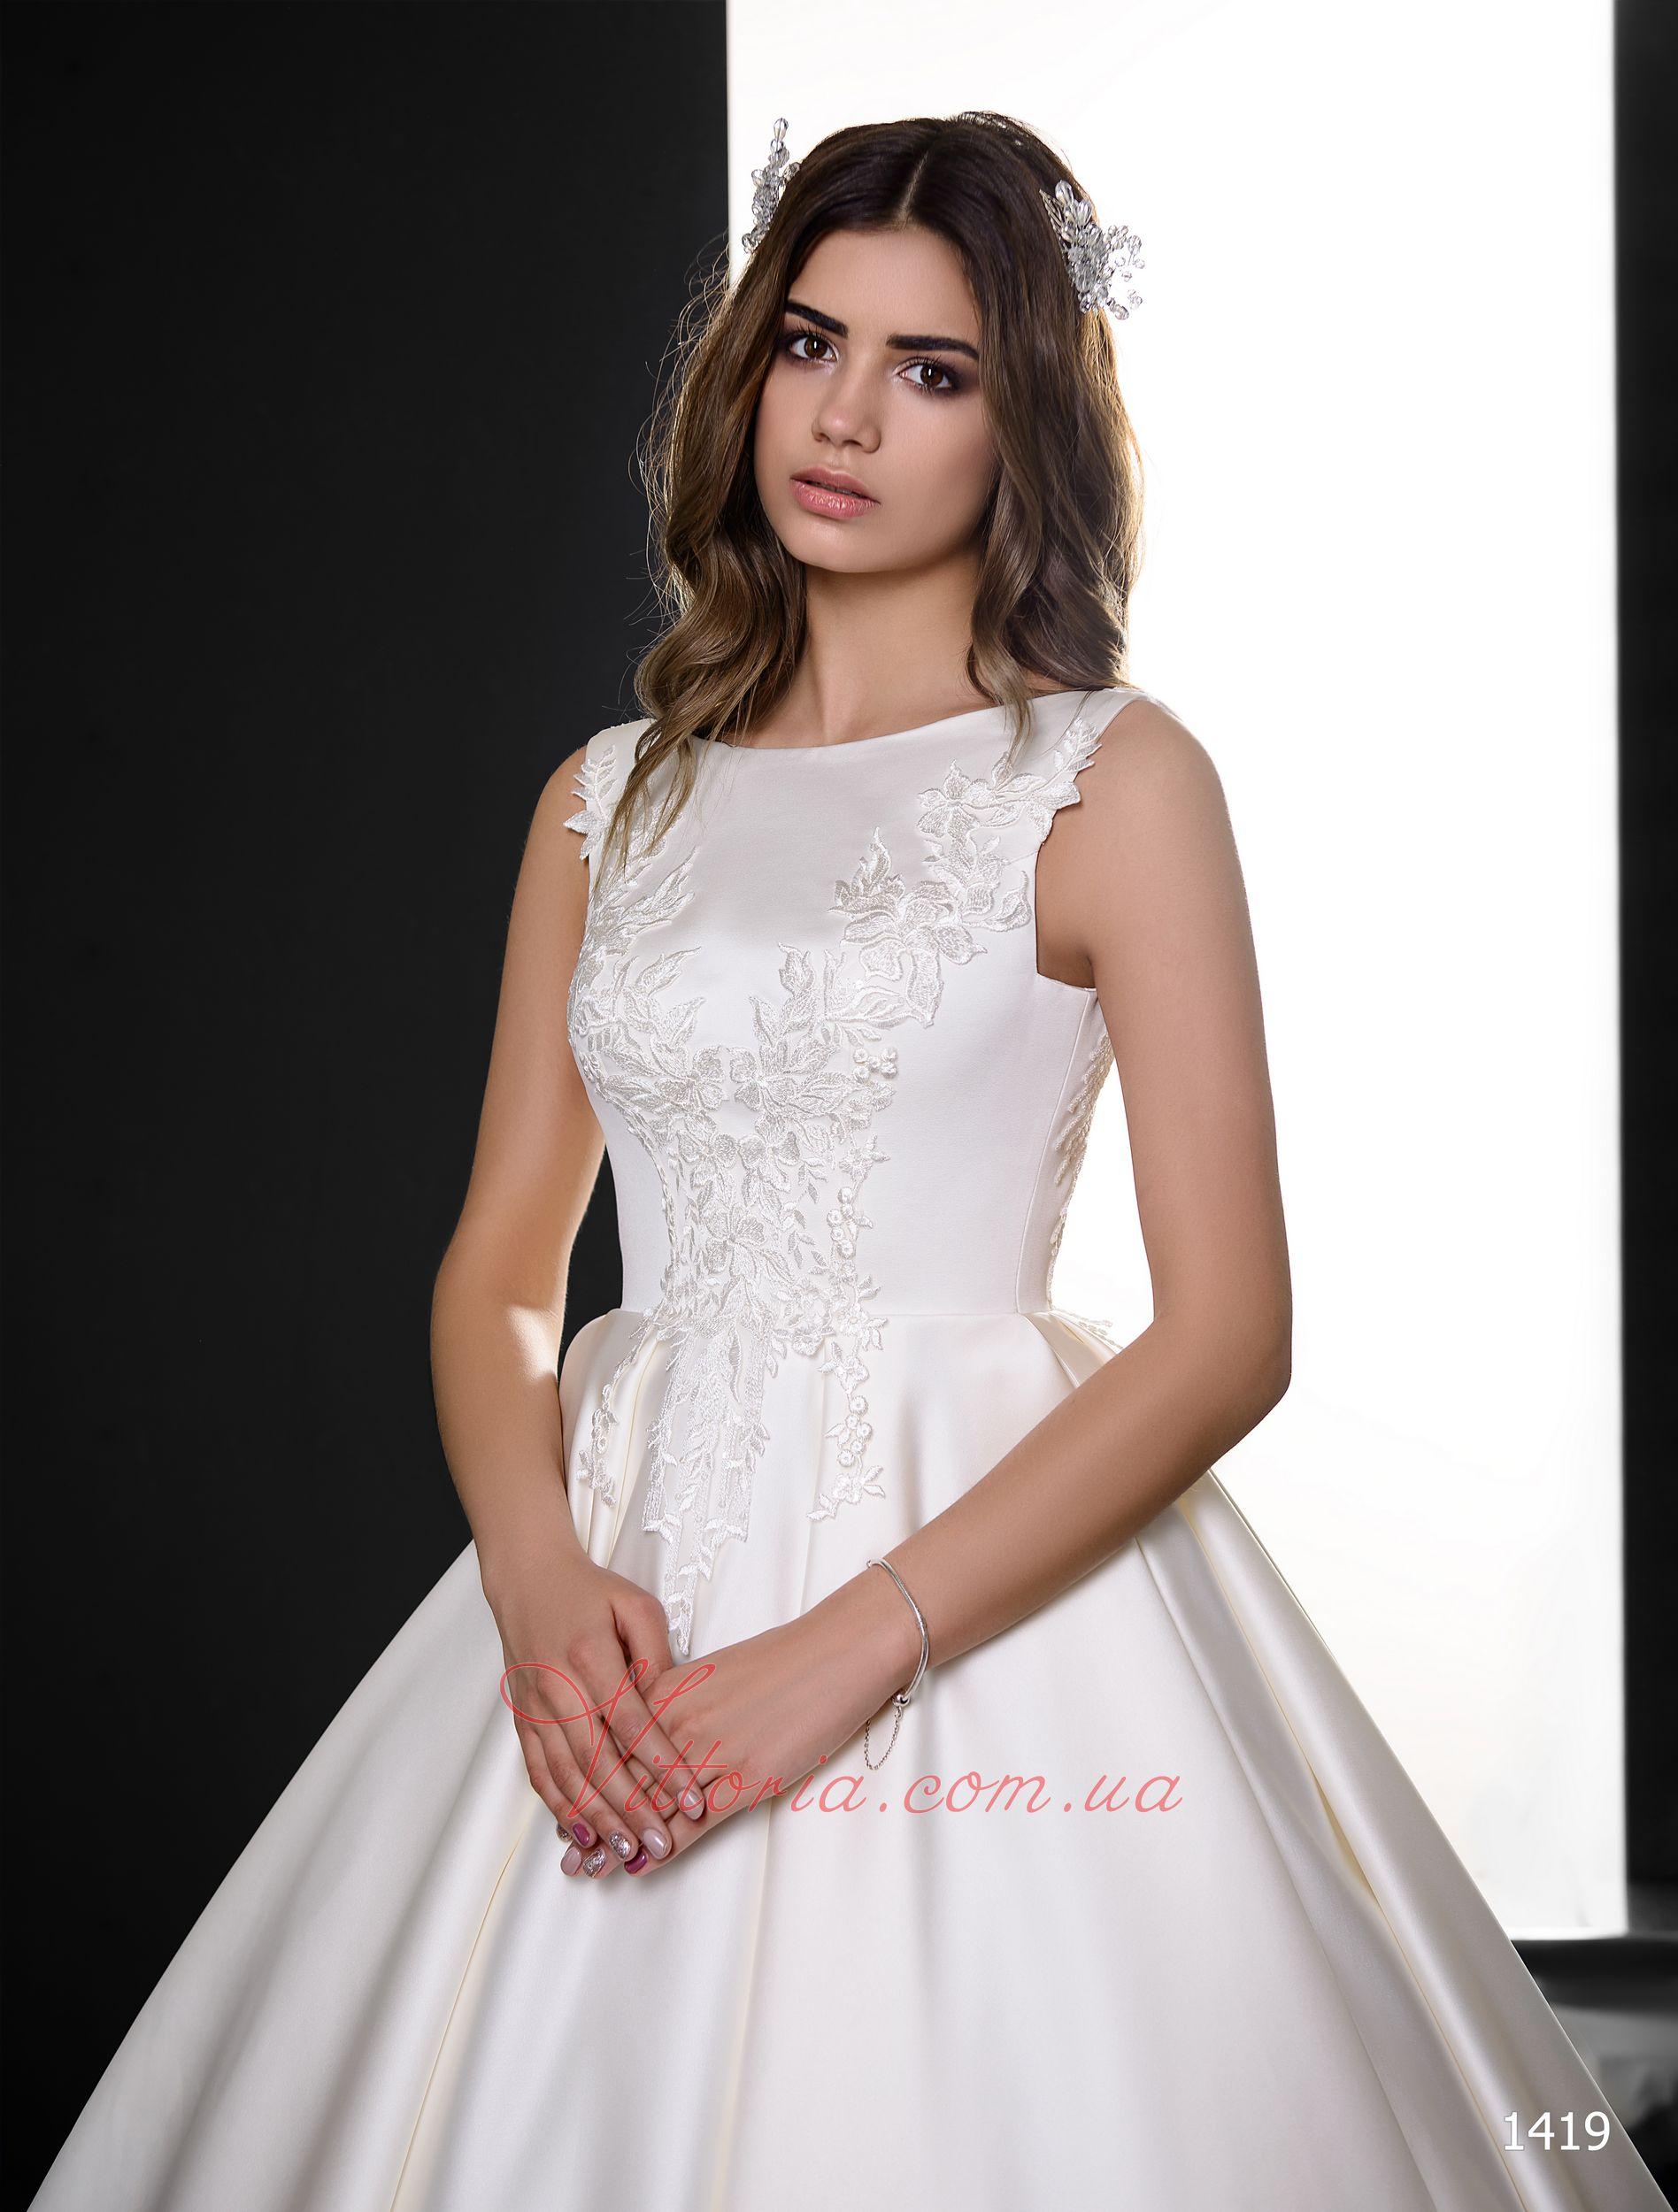 Свадебное платье Модель 1419